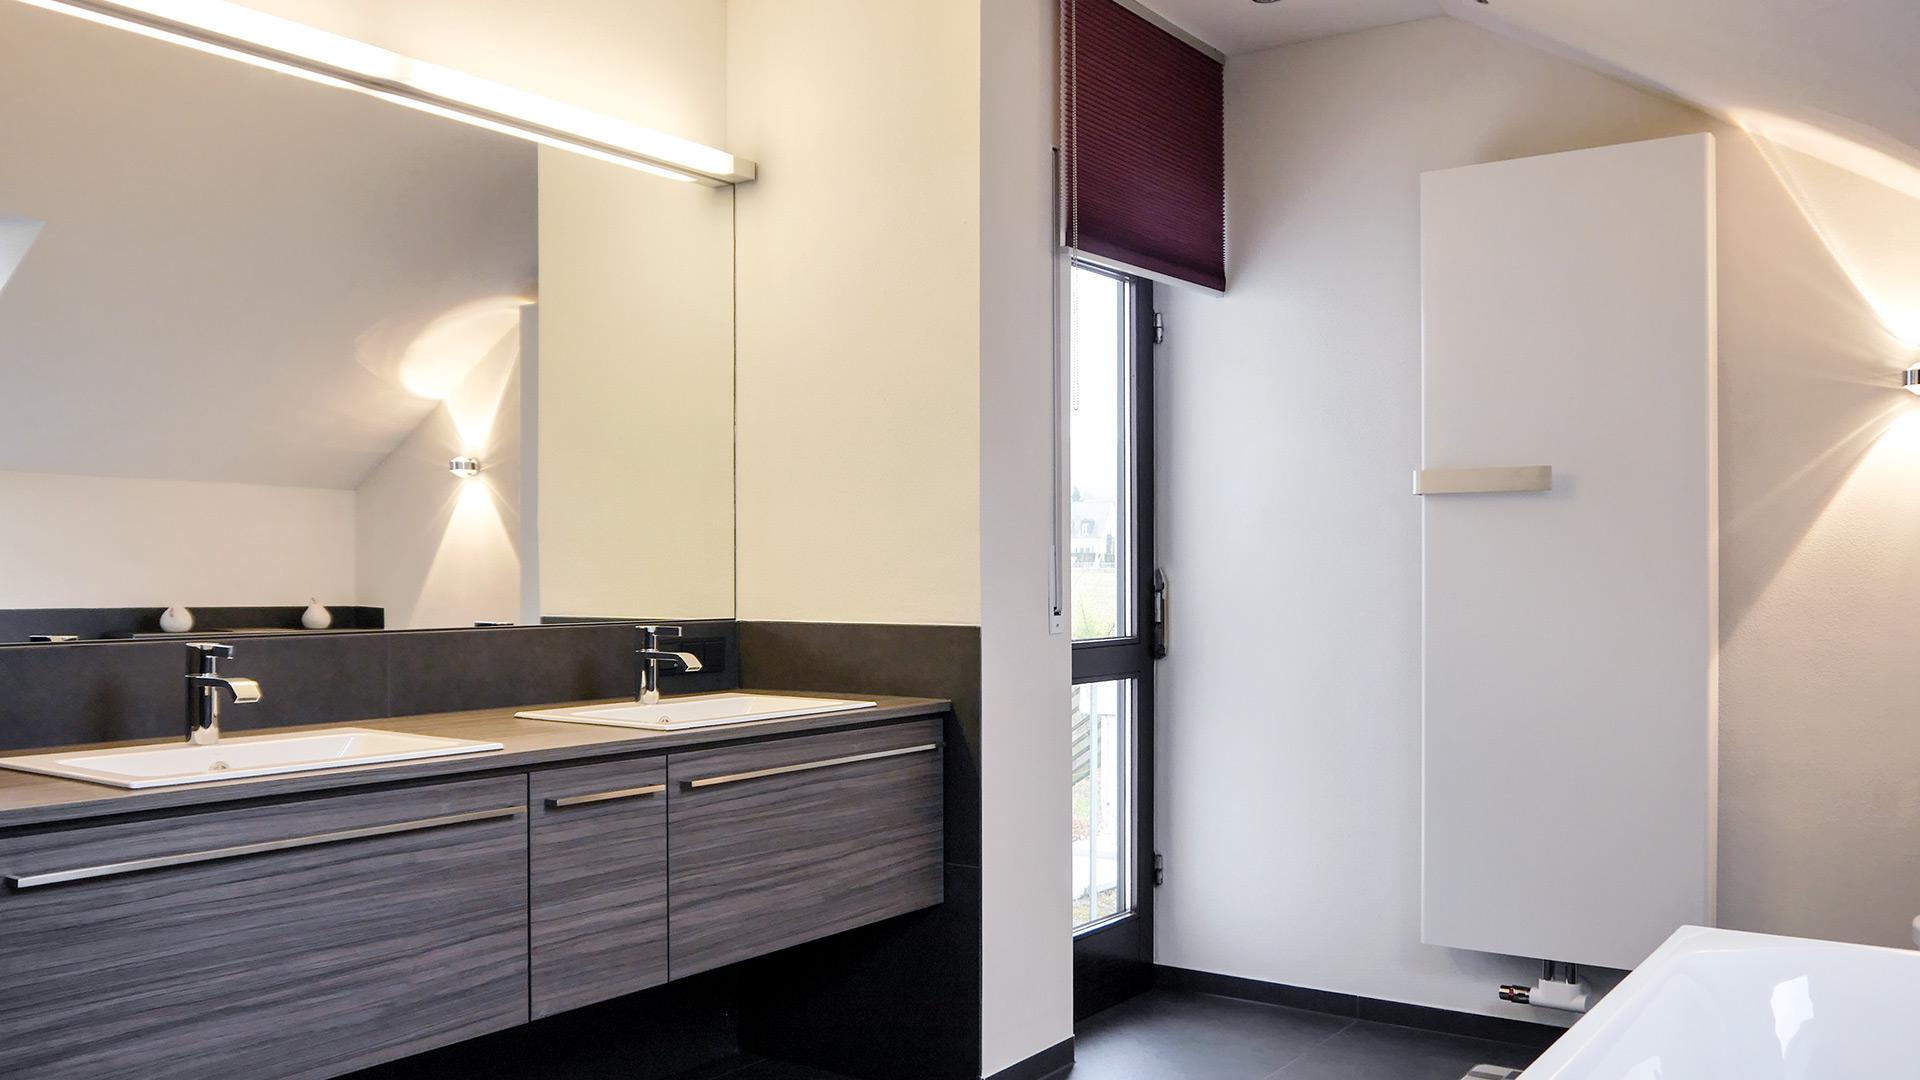 Schwebend montierter Waschtisch mit beleuchtetem Spiegel